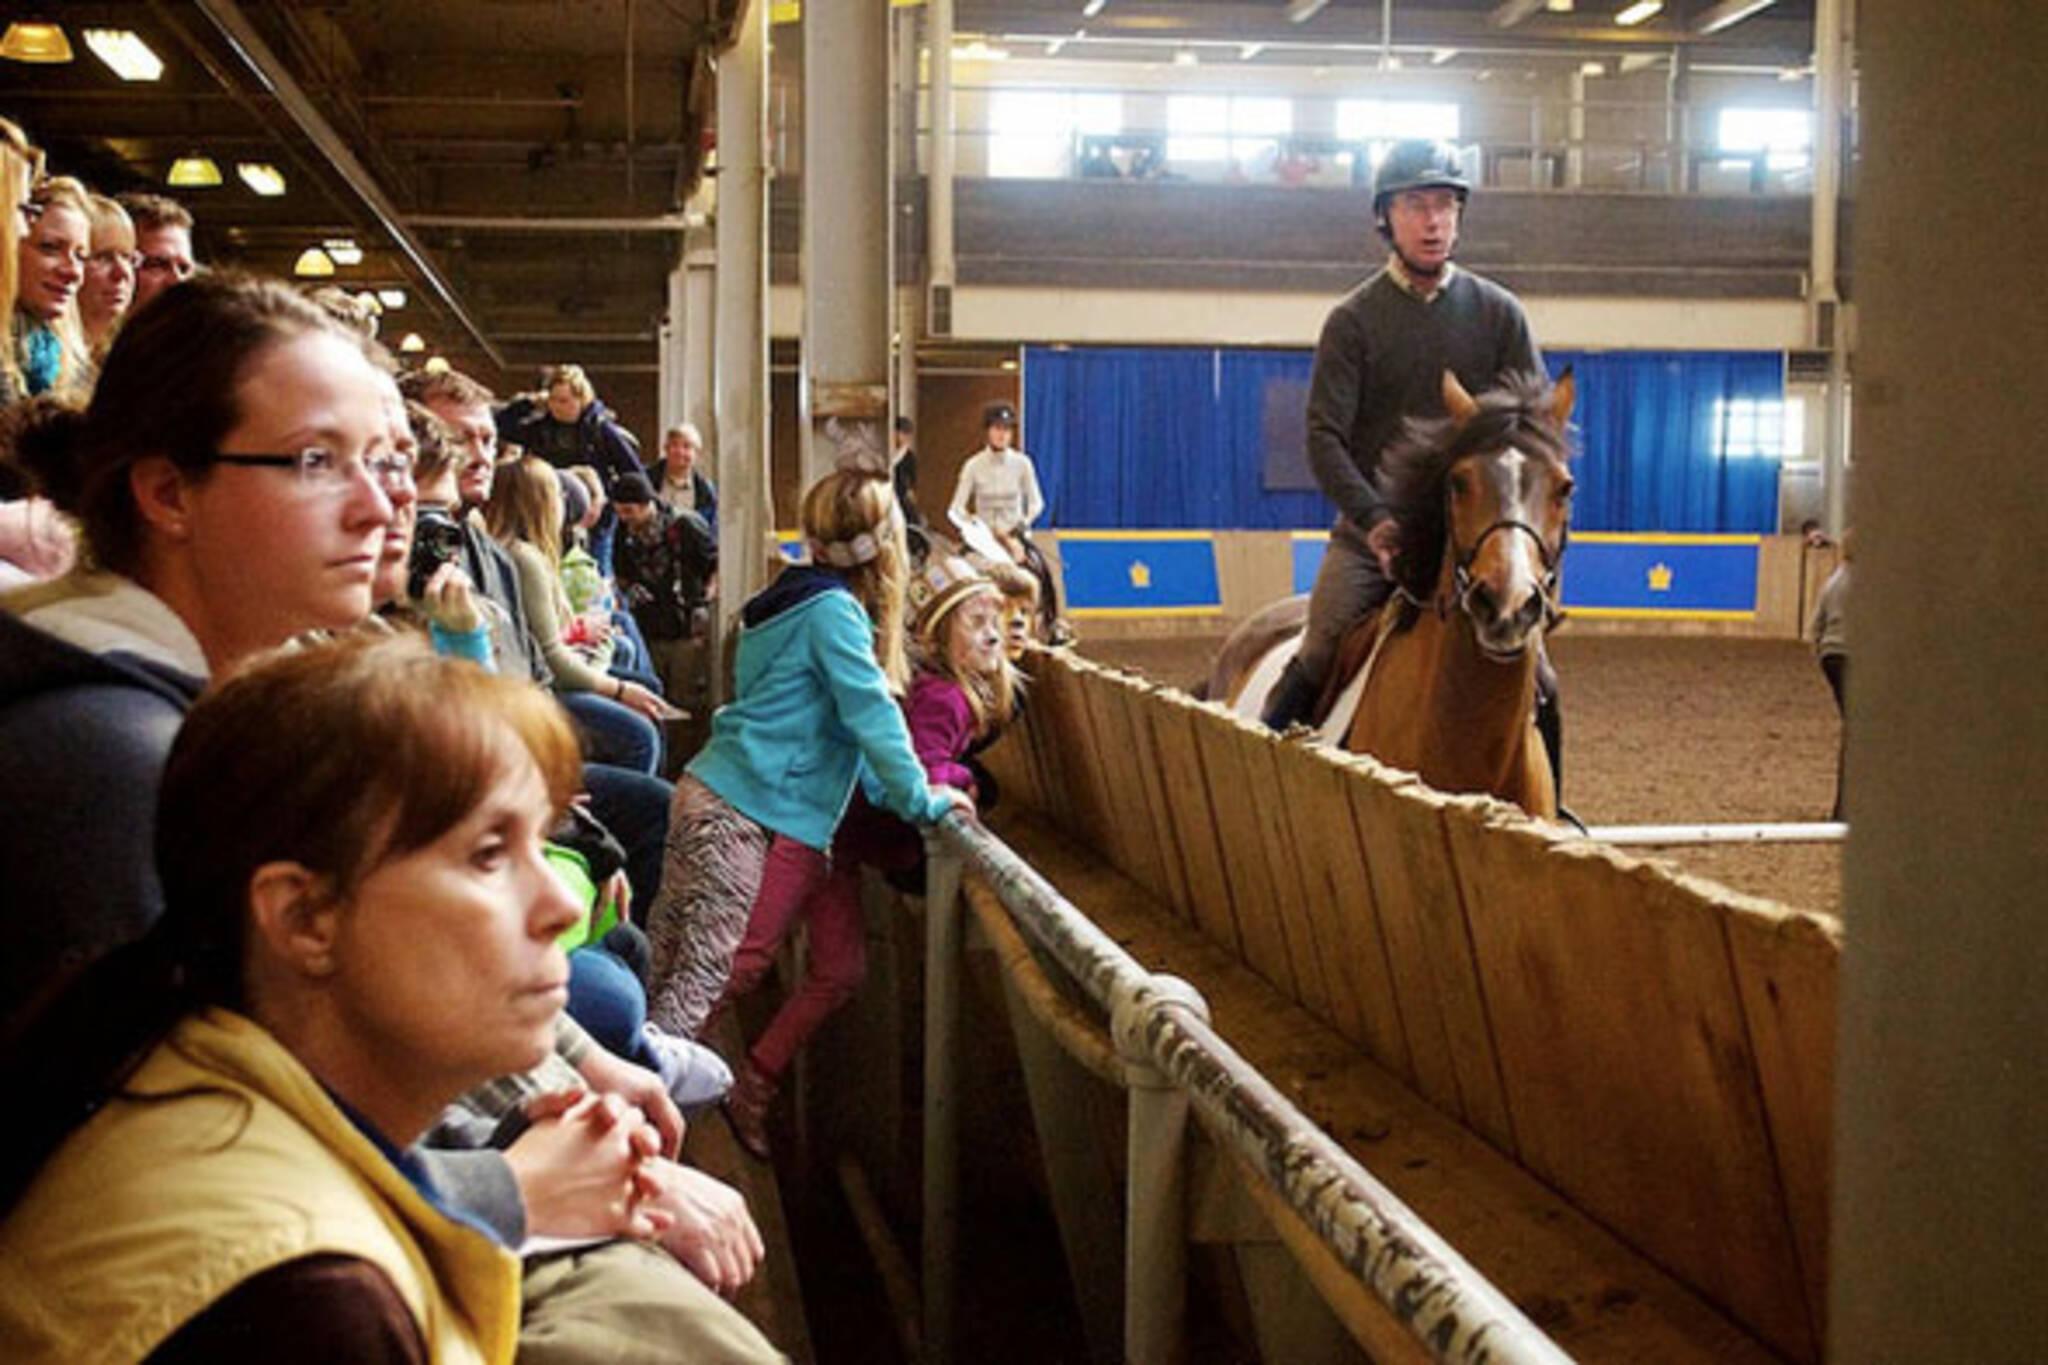 toronto royal winter fair 2012